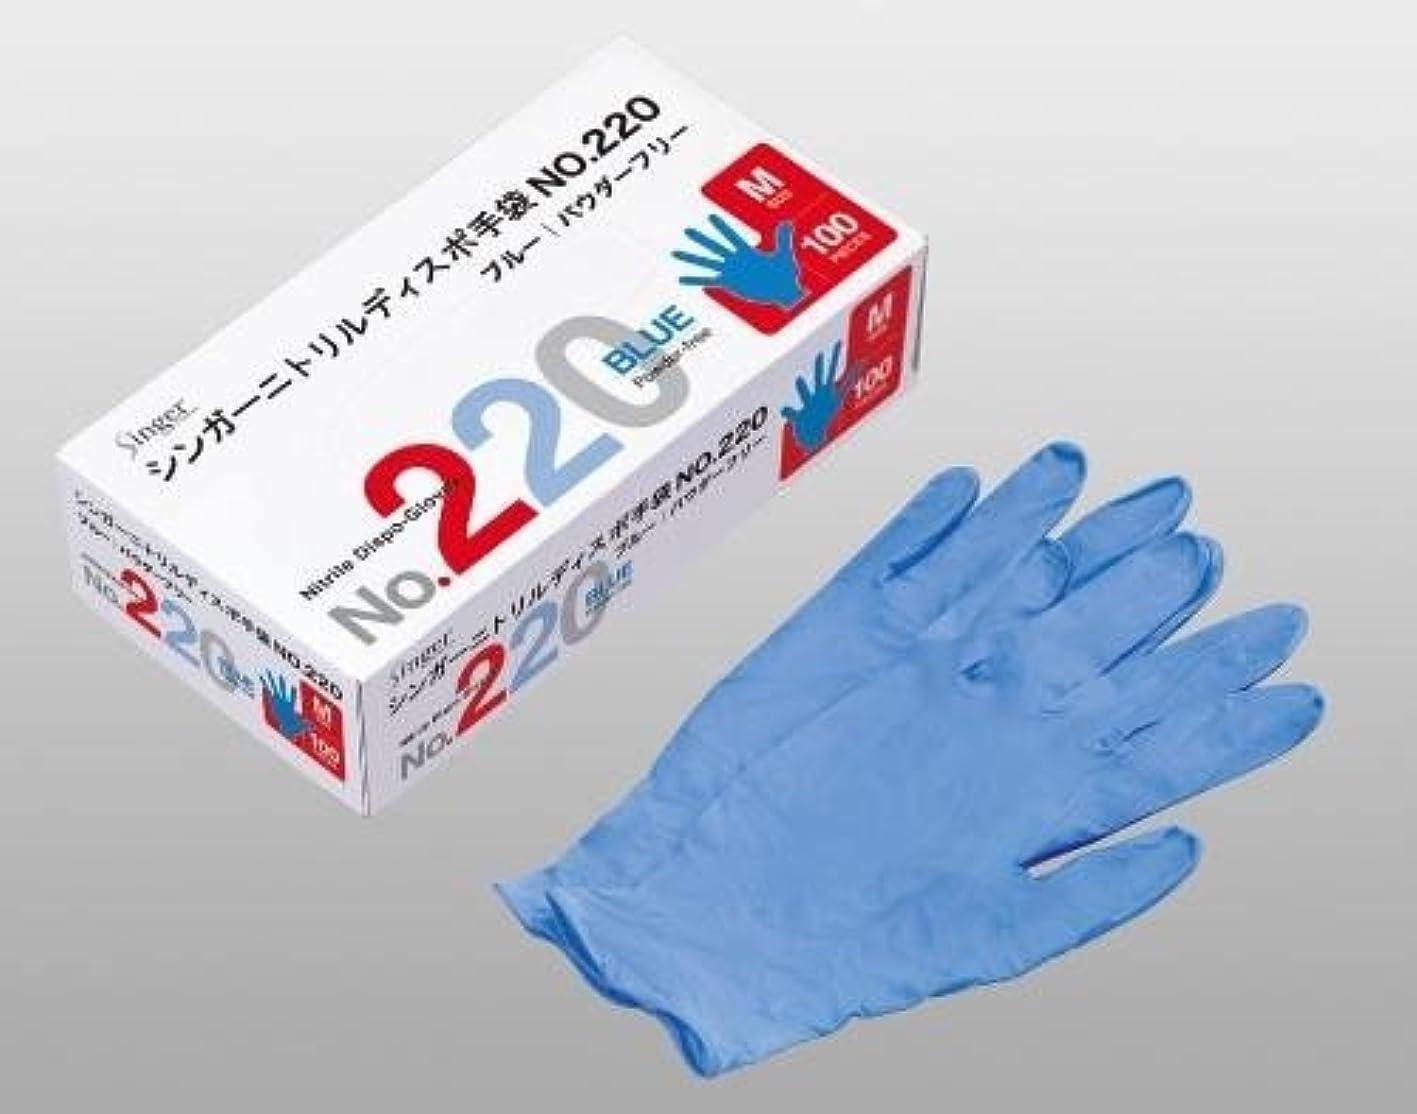 趣味最大の民族主義シンガーニトリルディスポ手袋 No.220 ブルー パウダーフリー(100枚) M